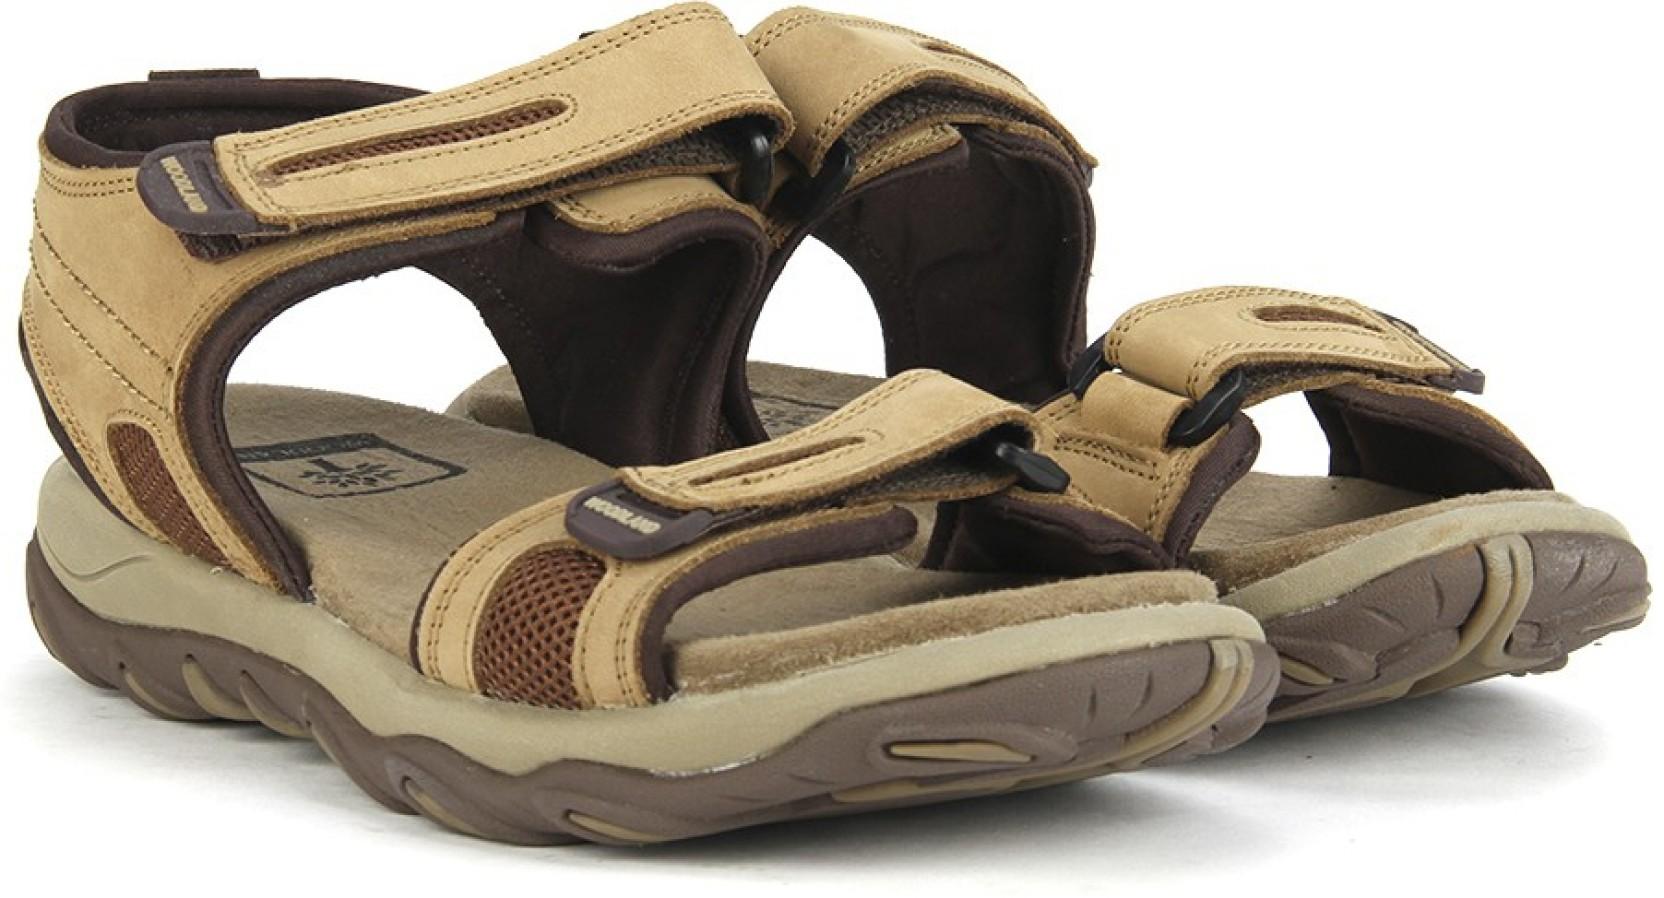 Woodland Men CAMEL Sports Sandals - Buy CAMEL Color ...